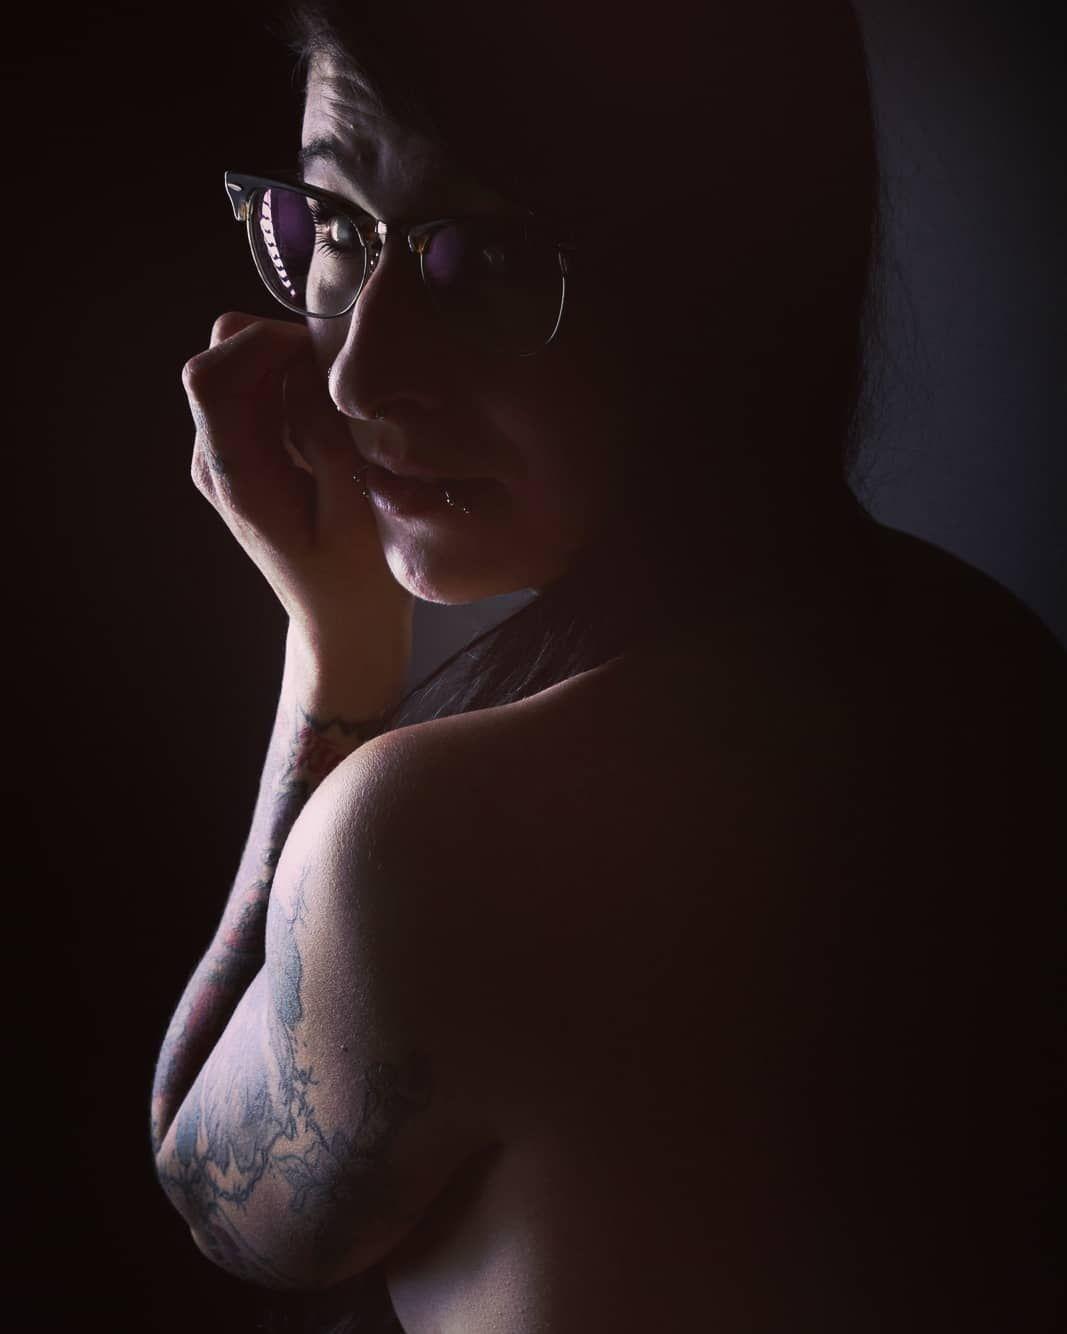 ☆☆☆ Lass Dir dein Leuchten nicht nehmenden, nur weil es andere blendet... ☆☆☆ . . #wednesdaymotivation #mittwoch #leuchten #light #lowkey #lowkeyphotography #blendend #portrait #portraitphotography #schatten #shadow #darkart #lovelywork #love #selflove #tattoolovers #tattooarm #inkedwomen #getyourselftattooed #moreorless #⭐️ #💡#🖤